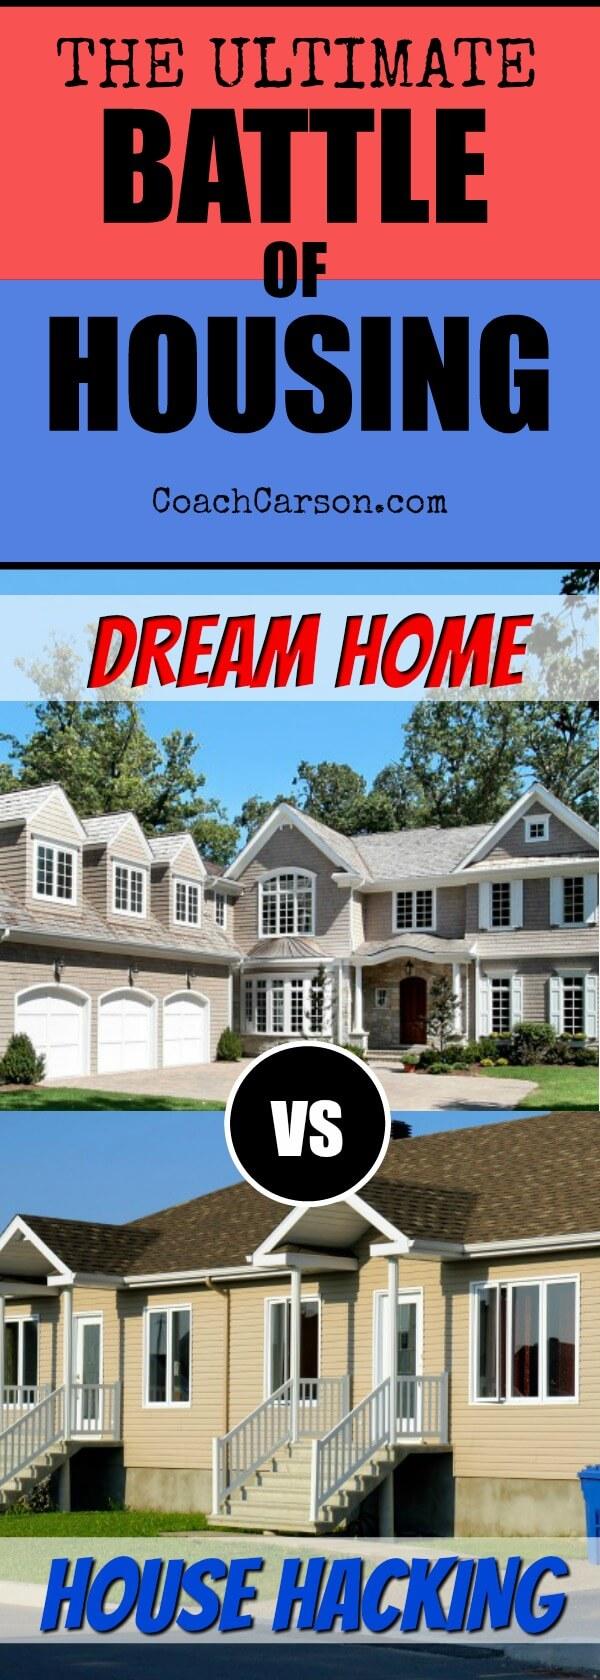 Housing Battle - Dream Home vs House Hacking